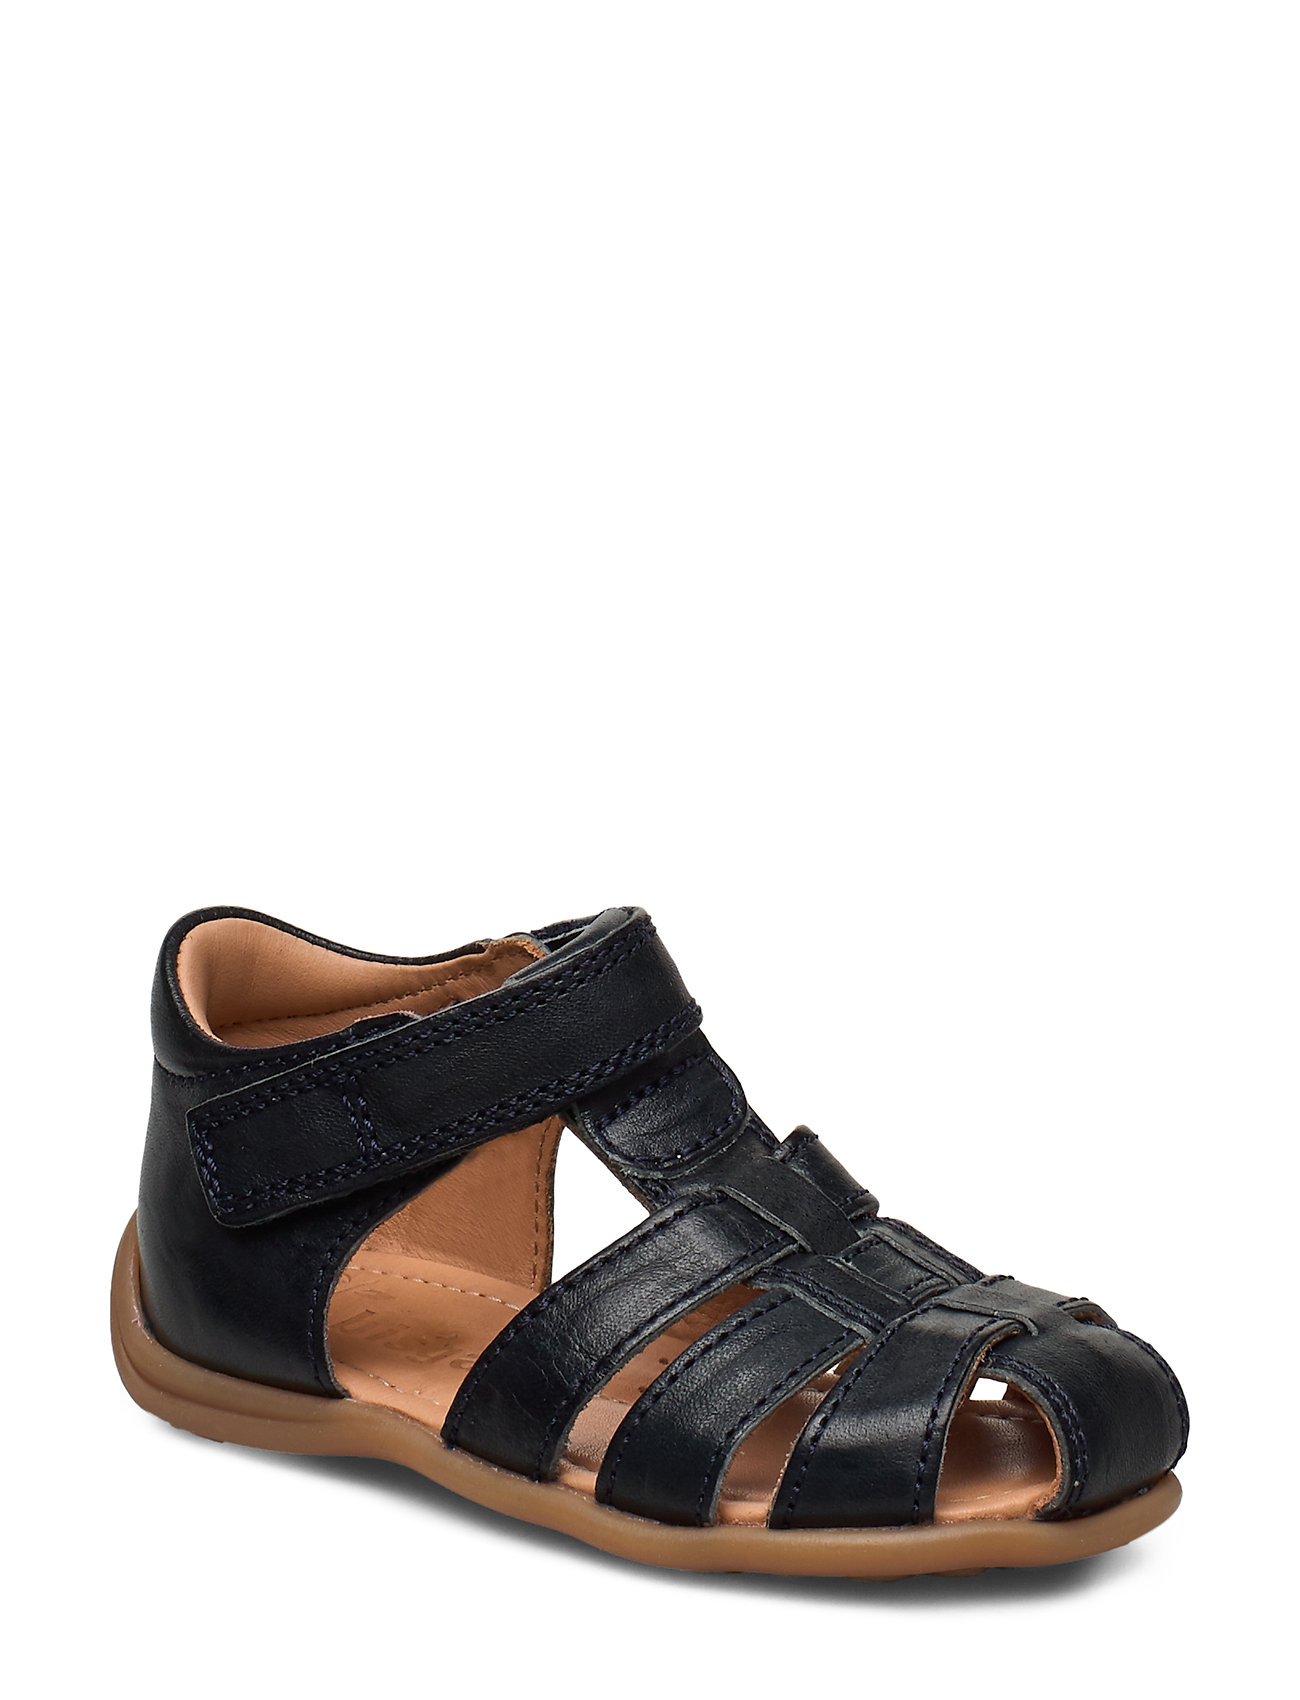 Sandals Sandaler Blå Bisgaard